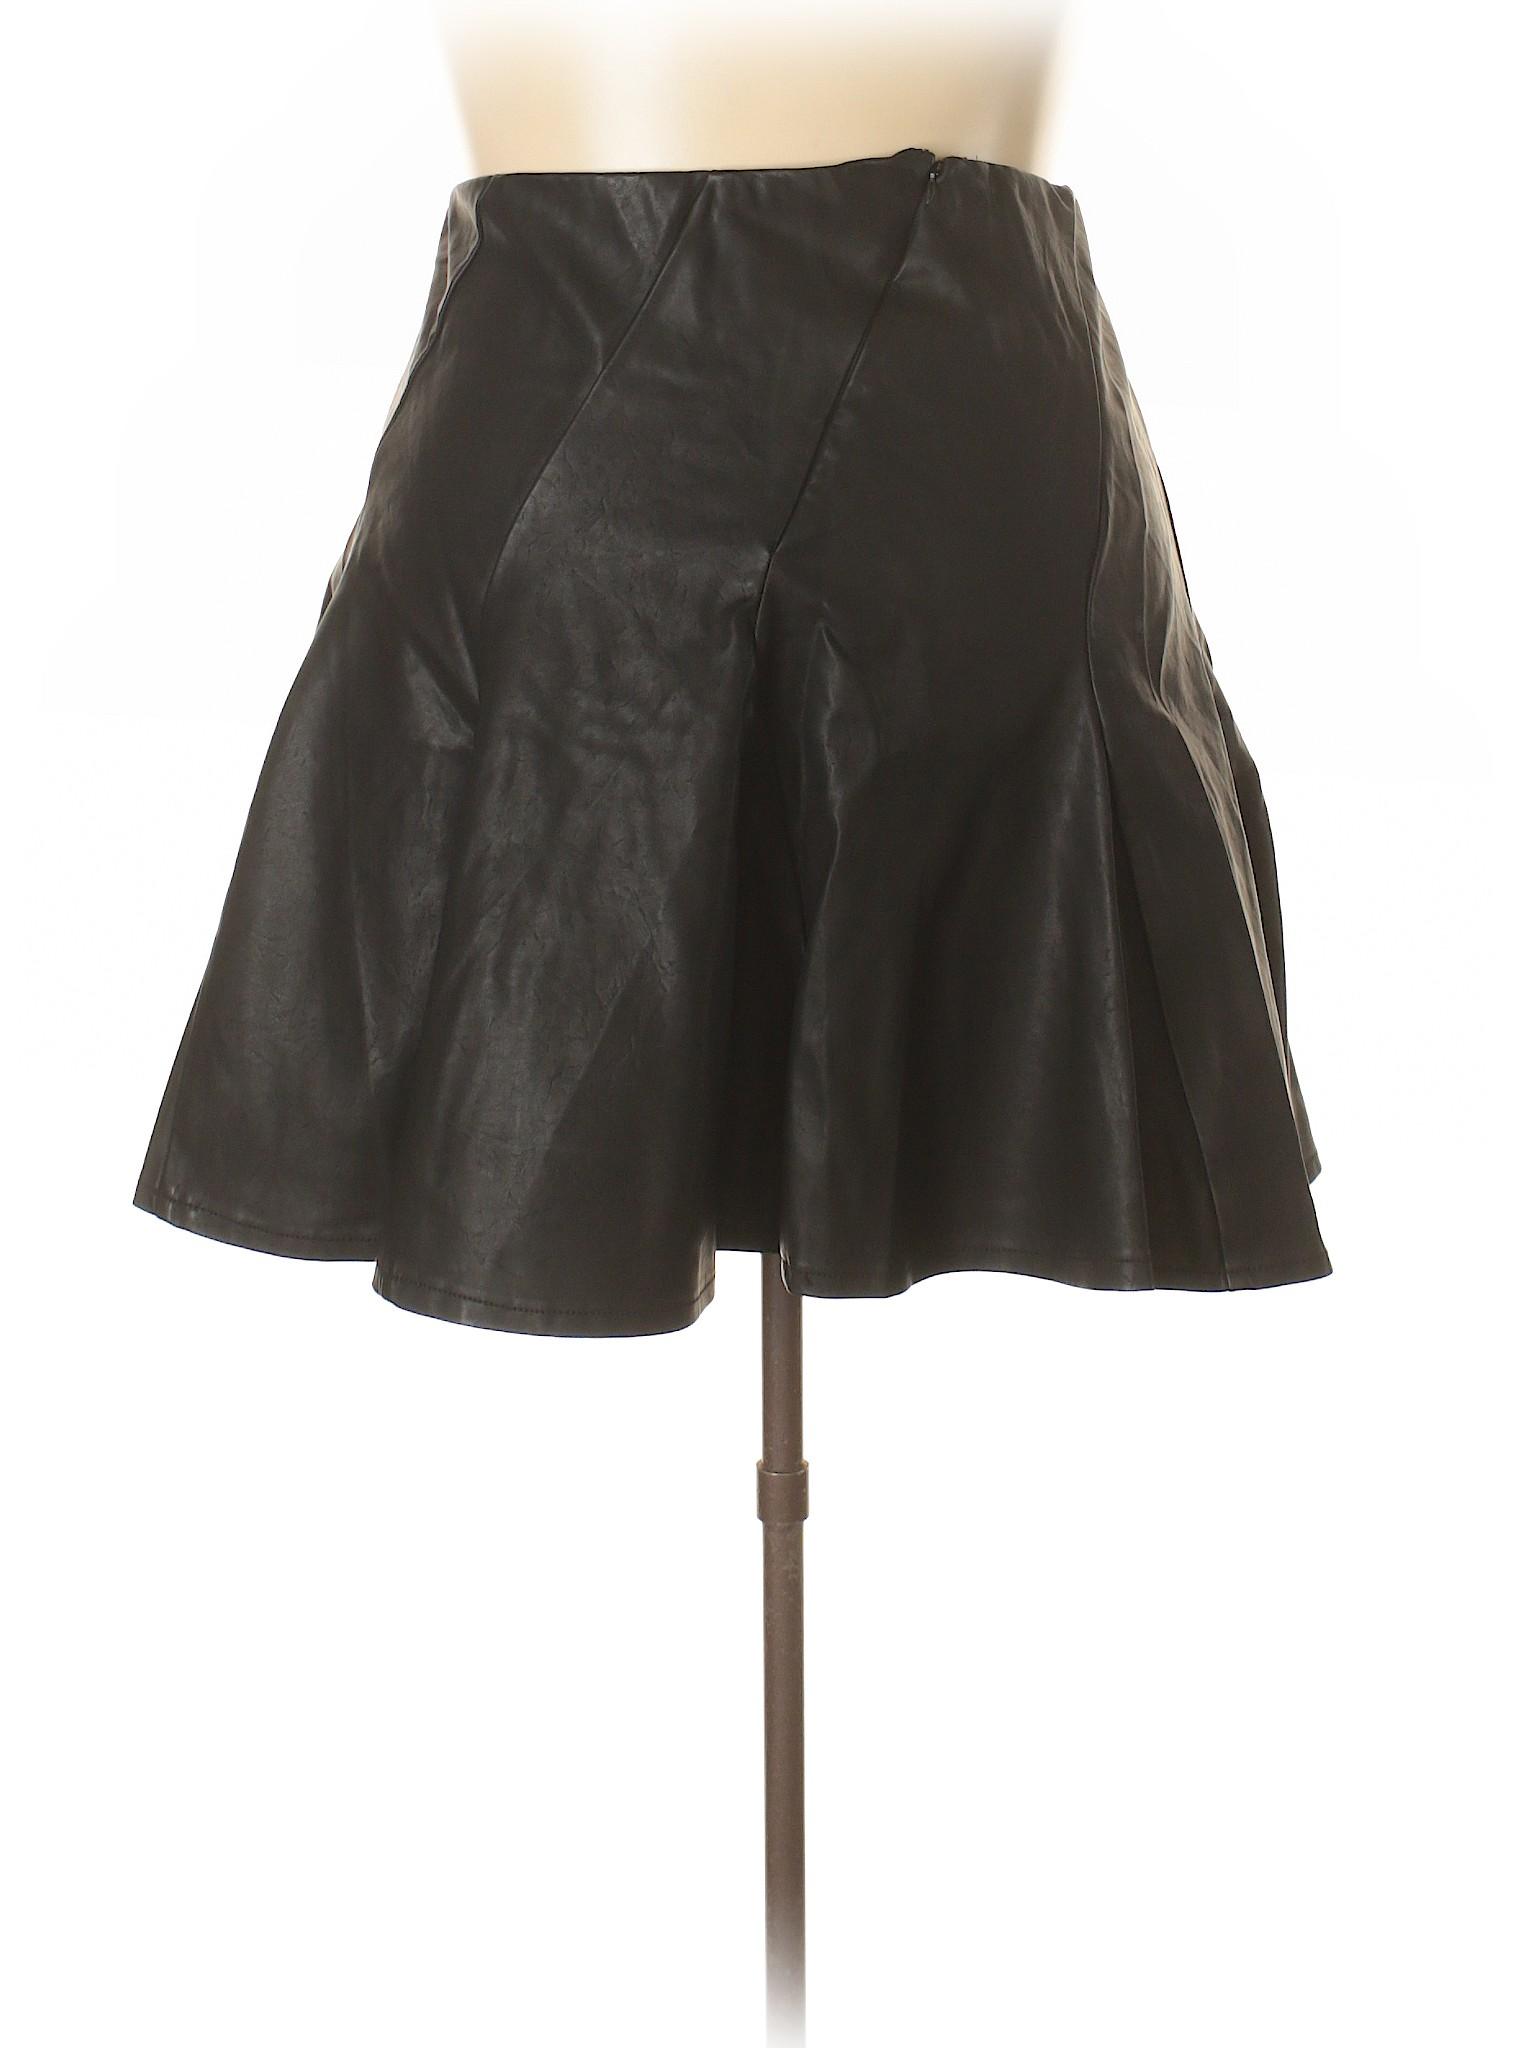 Faux Faux Skirt Boutique Faux Leather Boutique Boutique Leather Skirt 7qB1gg